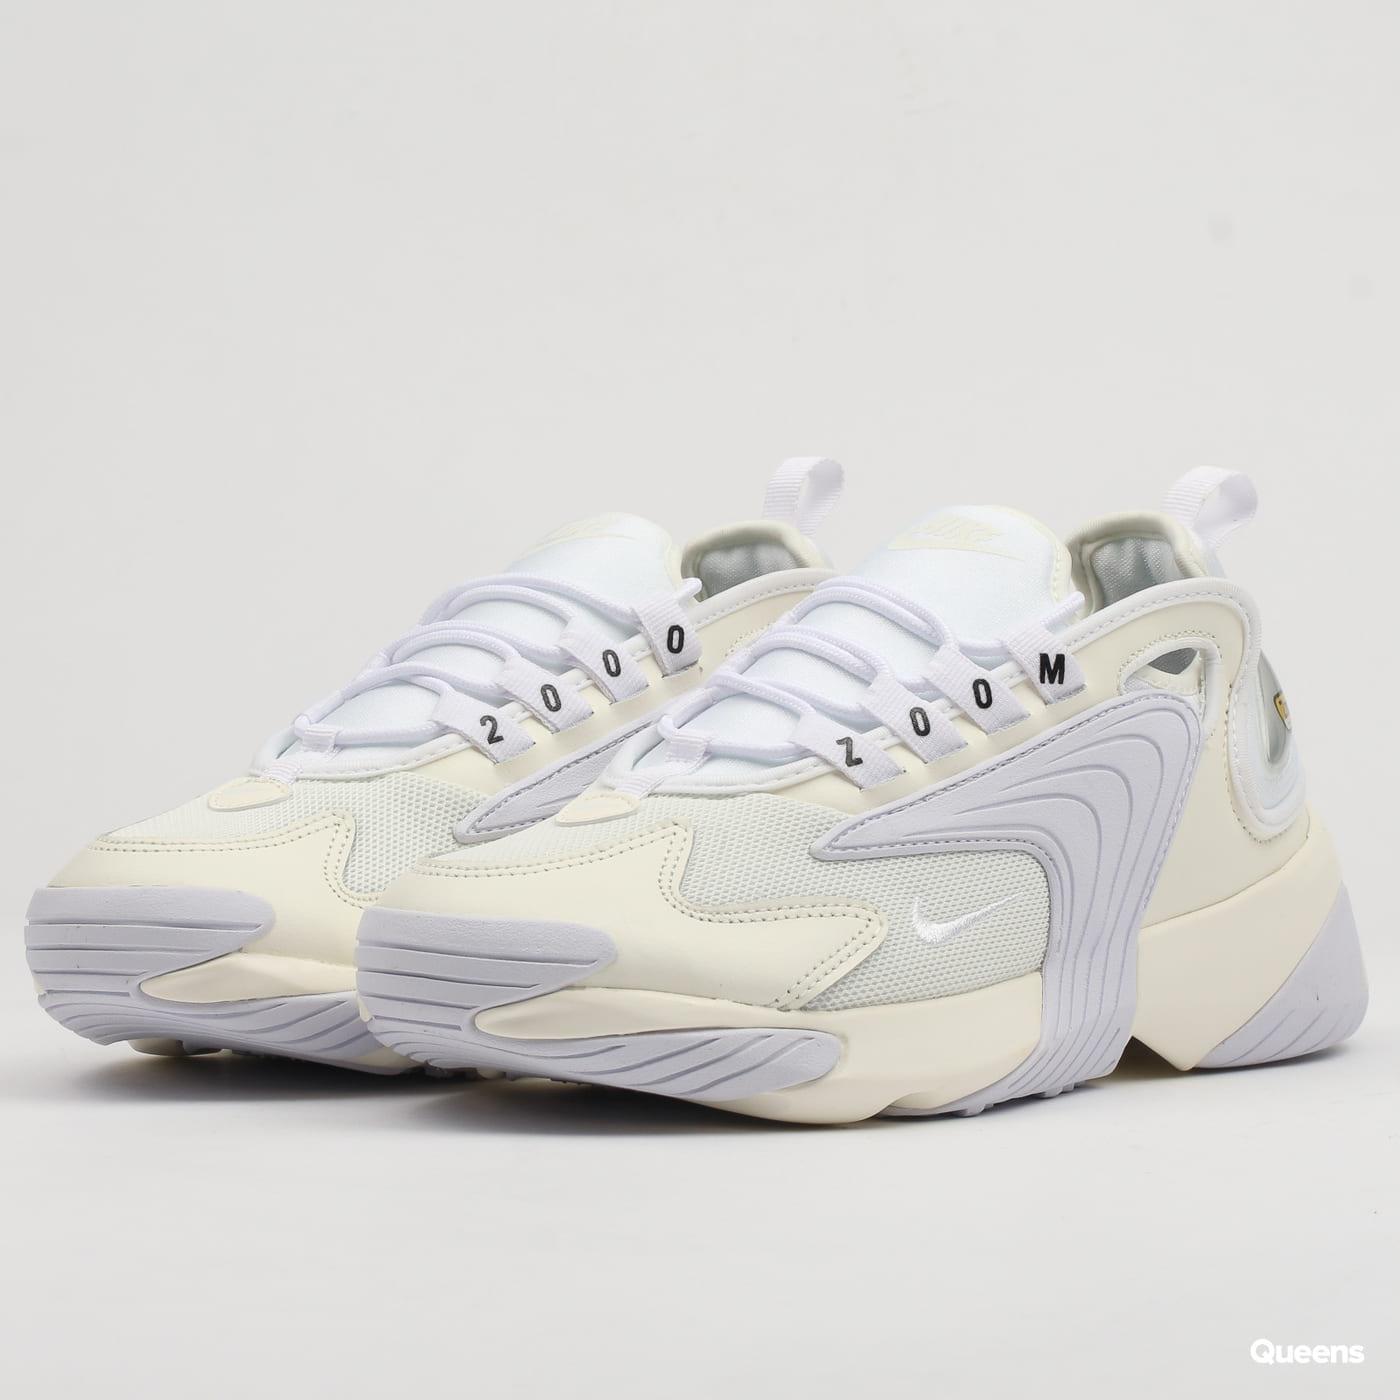 Nike WMNS Zoom 2K sail / white - black